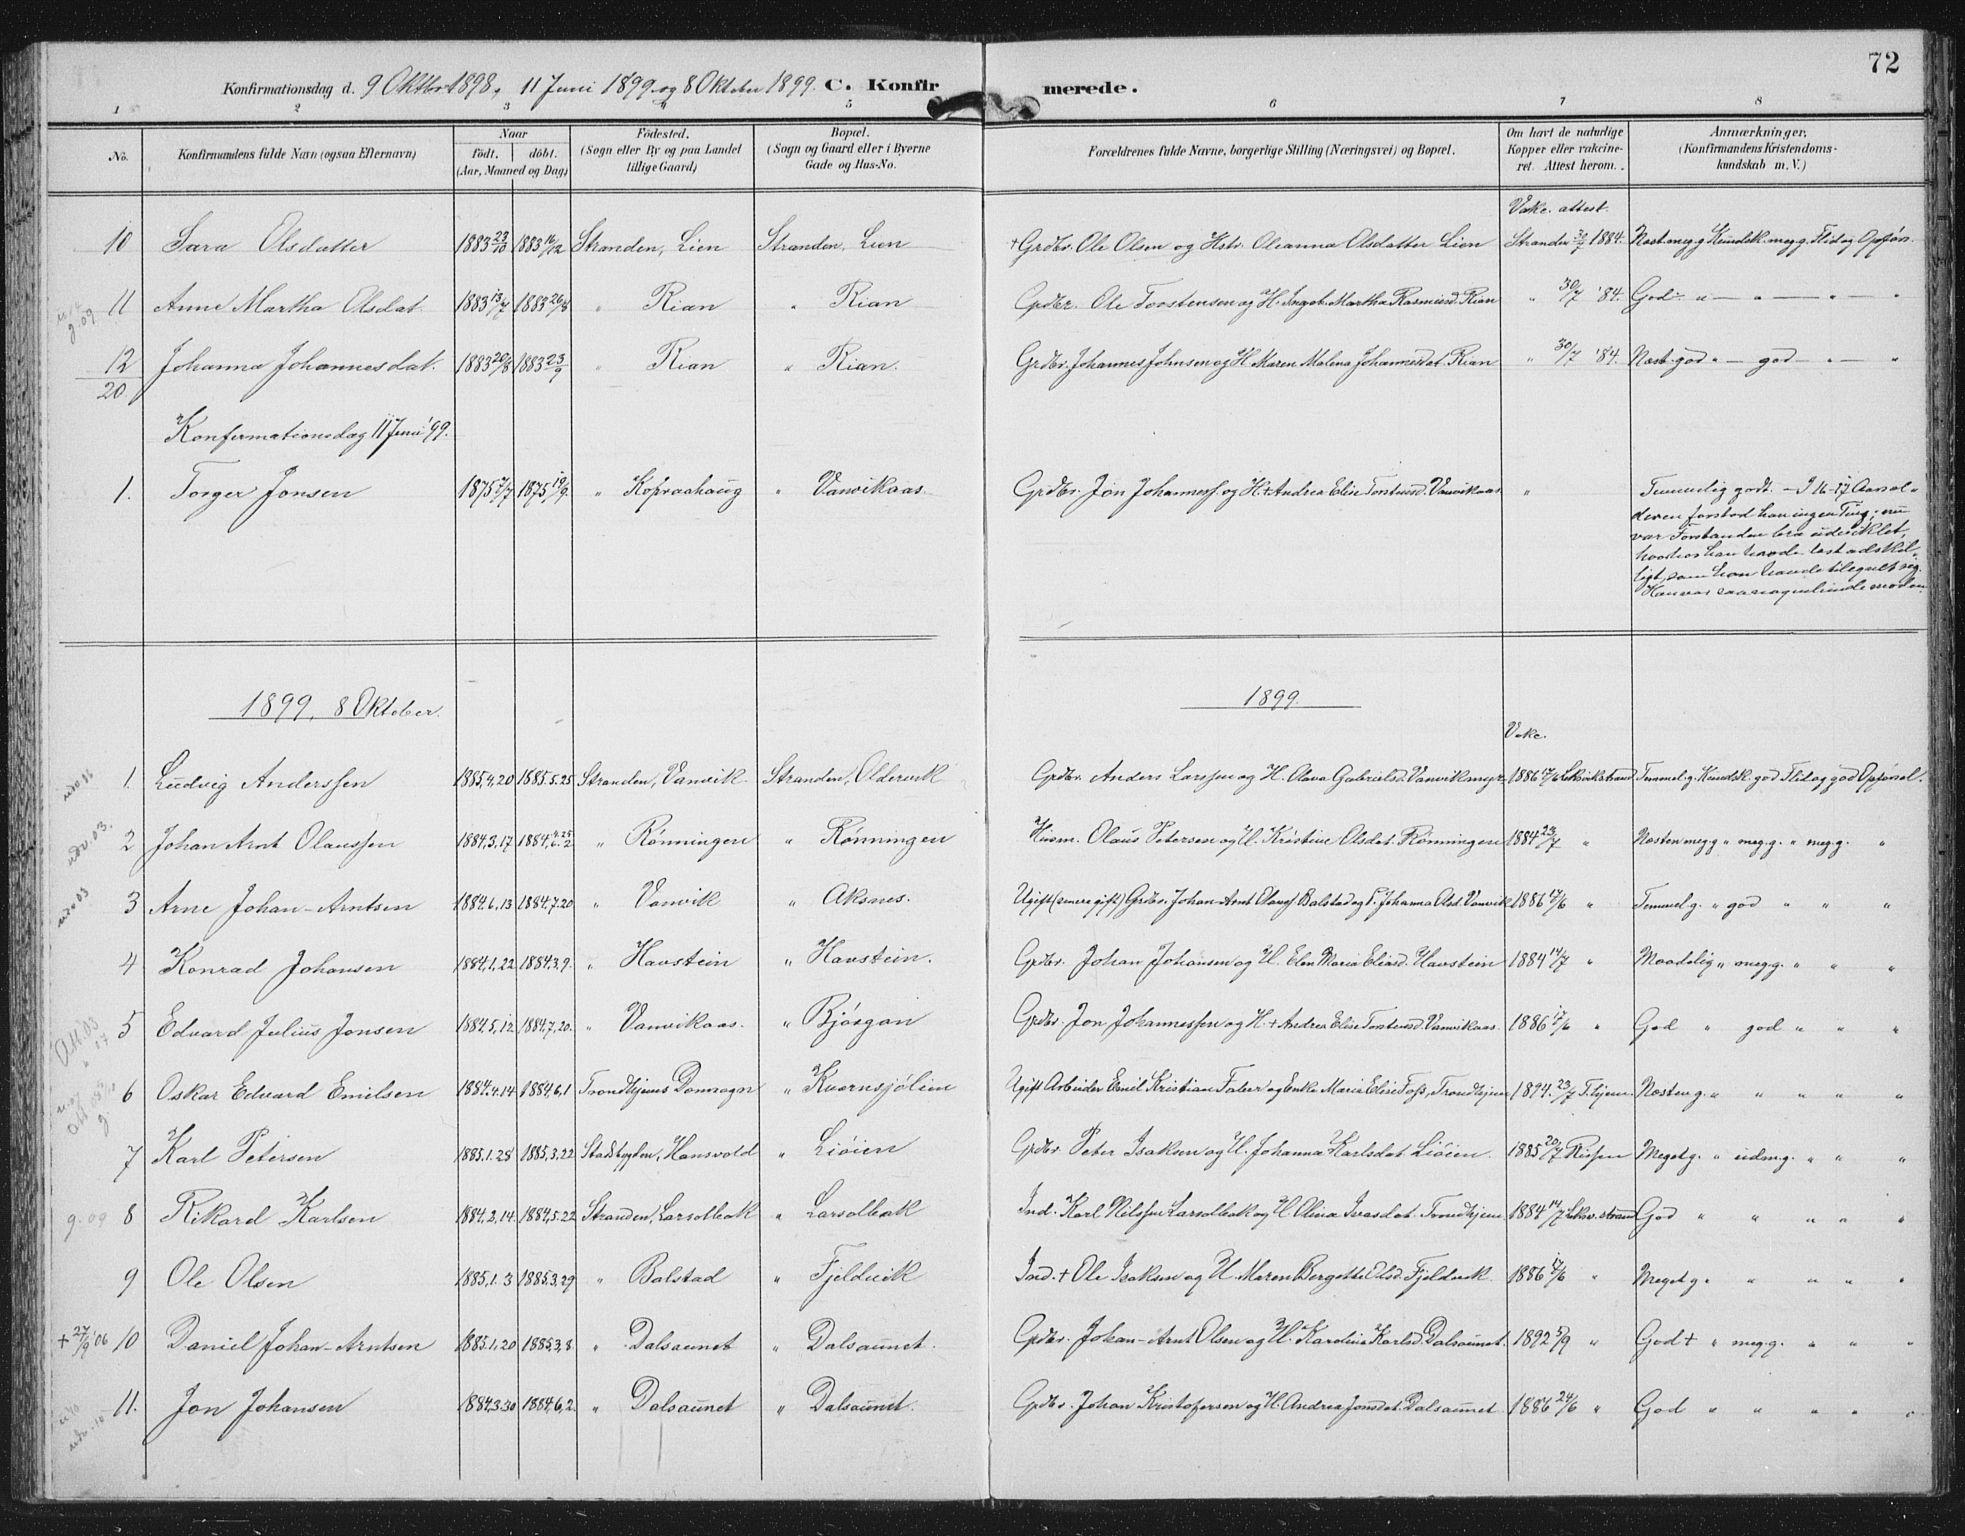 SAT, Ministerialprotokoller, klokkerbøker og fødselsregistre - Nord-Trøndelag, 702/L0024: Ministerialbok nr. 702A02, 1898-1914, s. 72